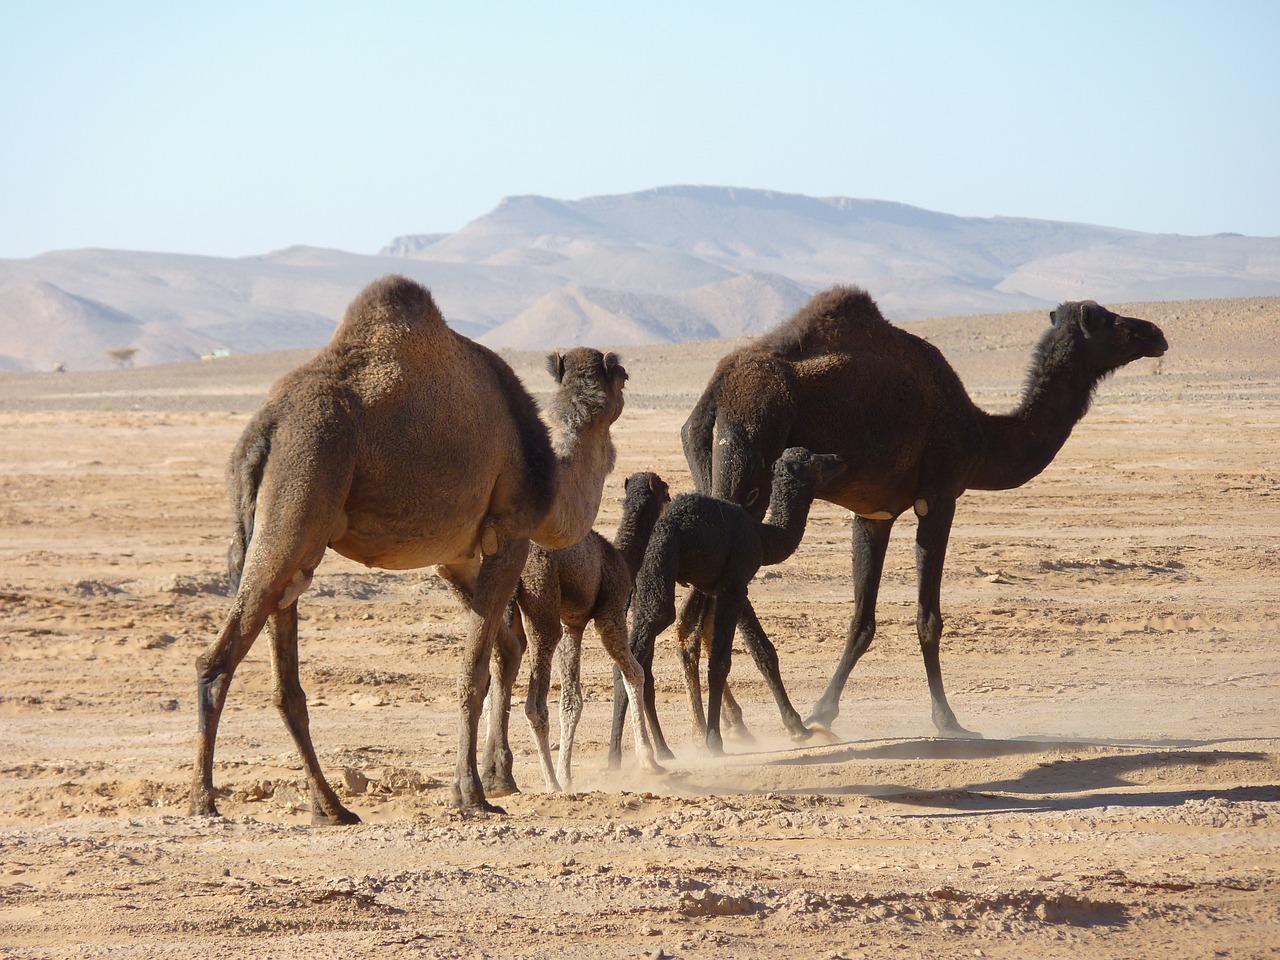 лучших картинка верблюды корабли пустыни этом требуется